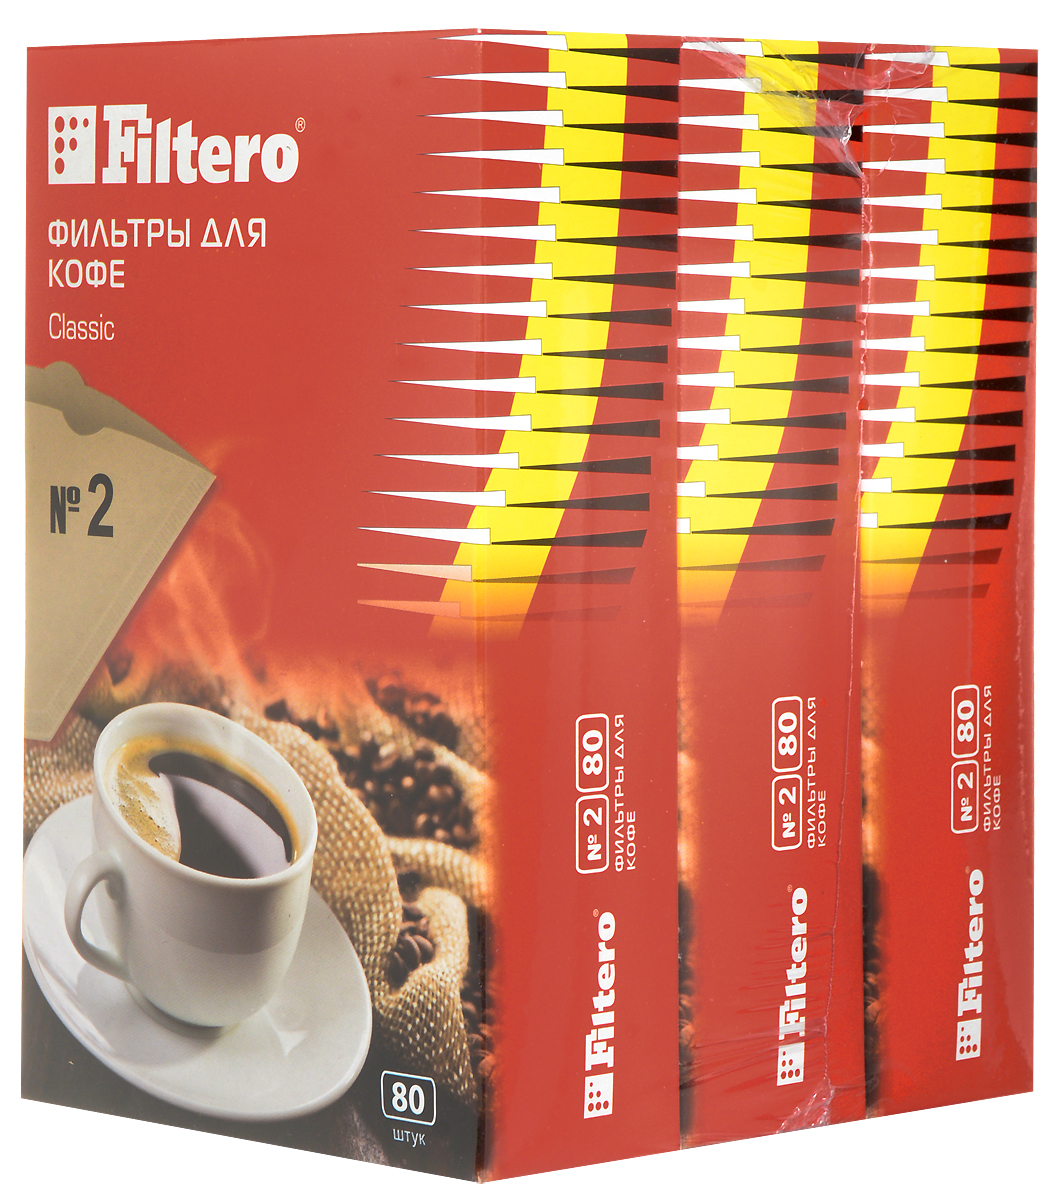 Filtero Classic №2 комплект фильтров для кофеварок, 240 шт2/240Бумажные одноразовые фильтры Filtero Classic№2 предназначены для кофеварок капельного типа на 6-8 чашек идля чашки-кофеварки Filtero. Превосходно сохраняют аромат и оригинальный вкус кофе.